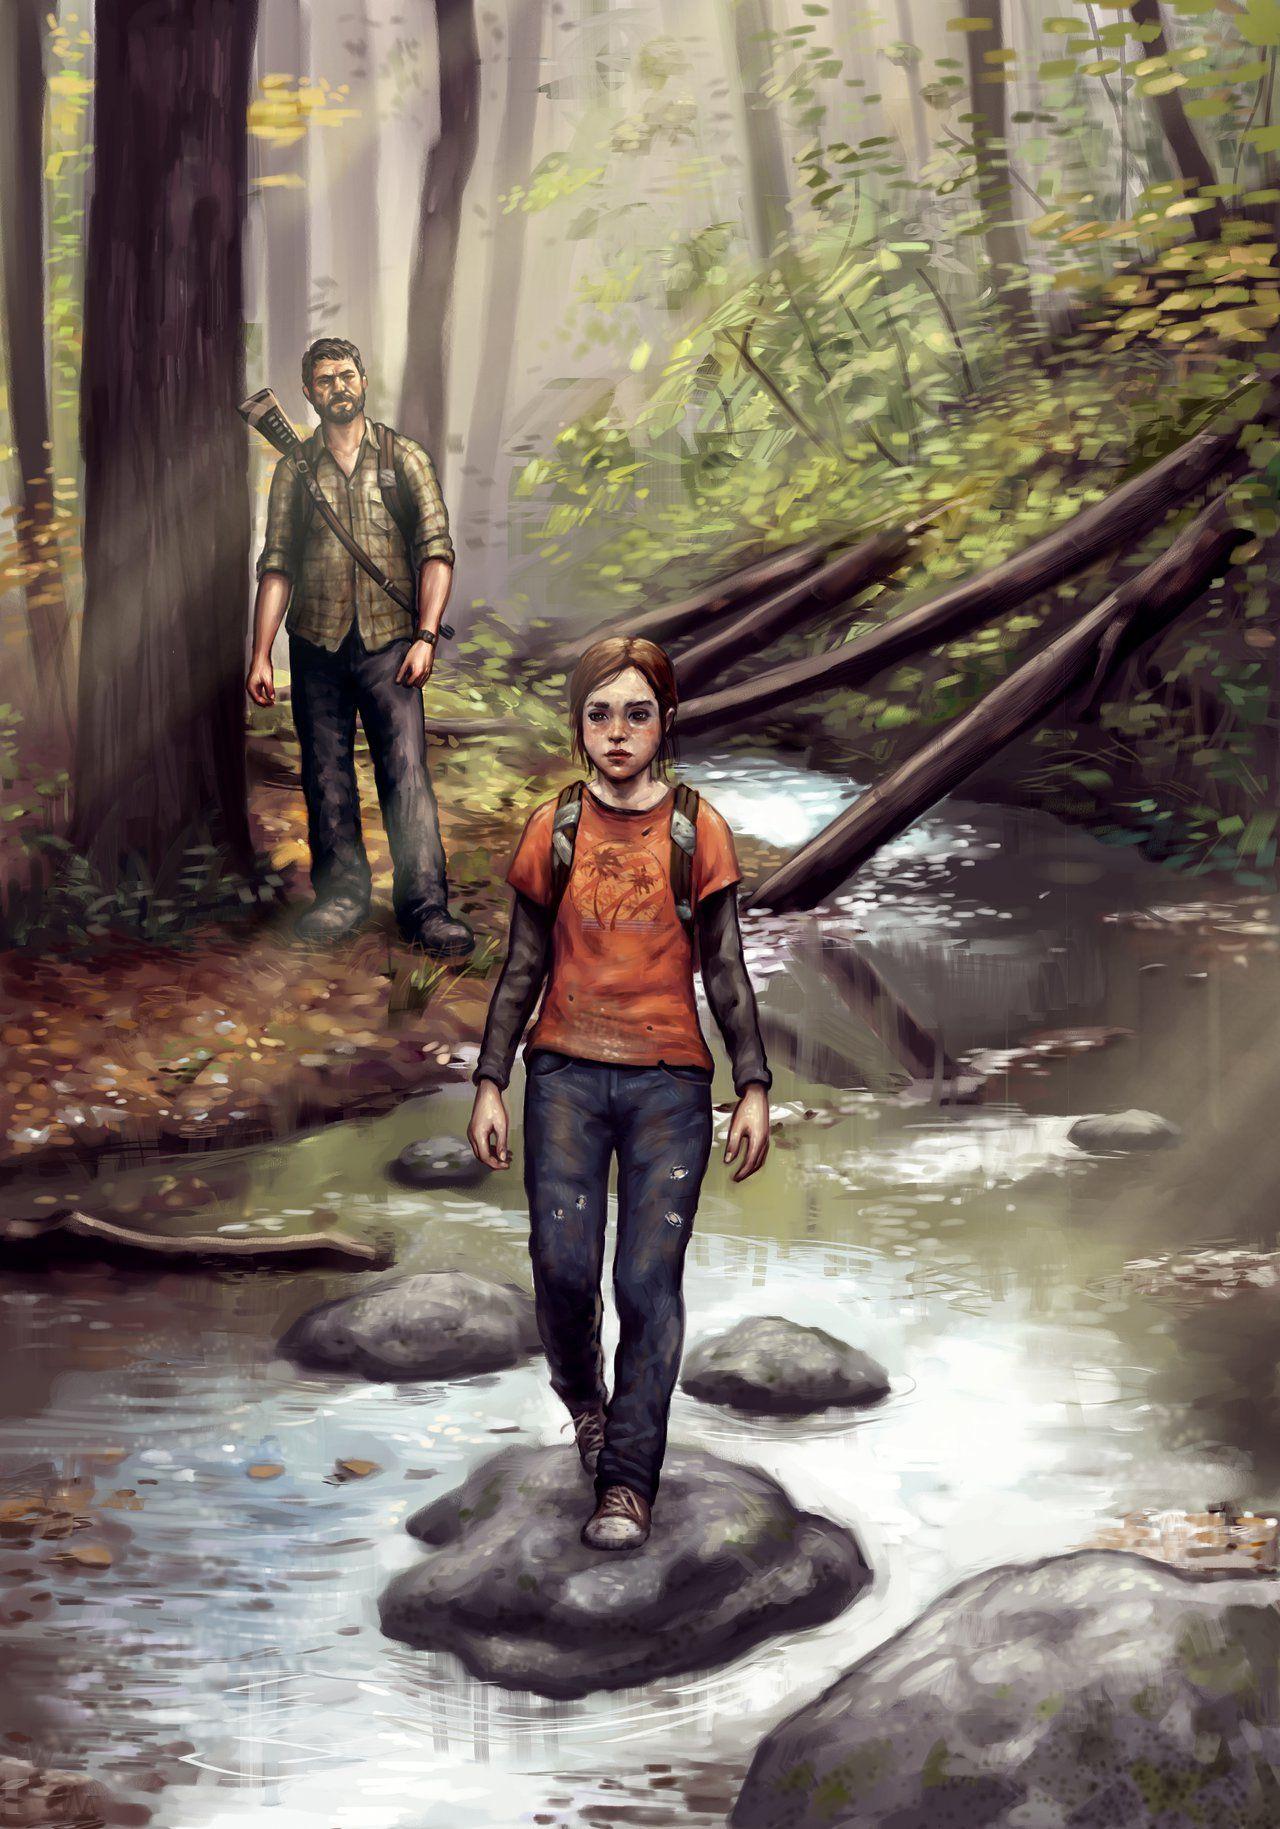 The last of us - concept art by DanielKarlsson.deviantart.com on @deviantART